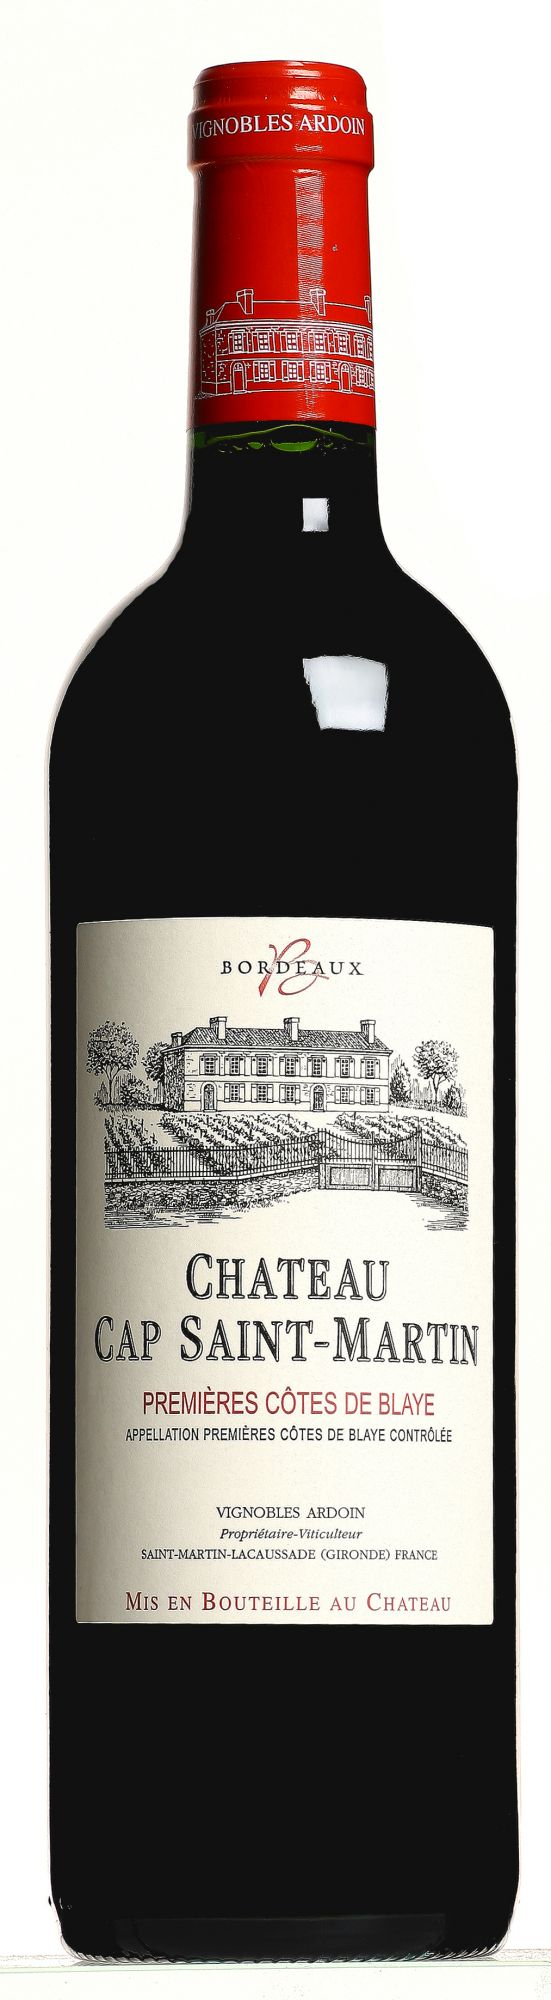 Château Cap Saint-Martin Blaye Côtes de Bordeaux magnum